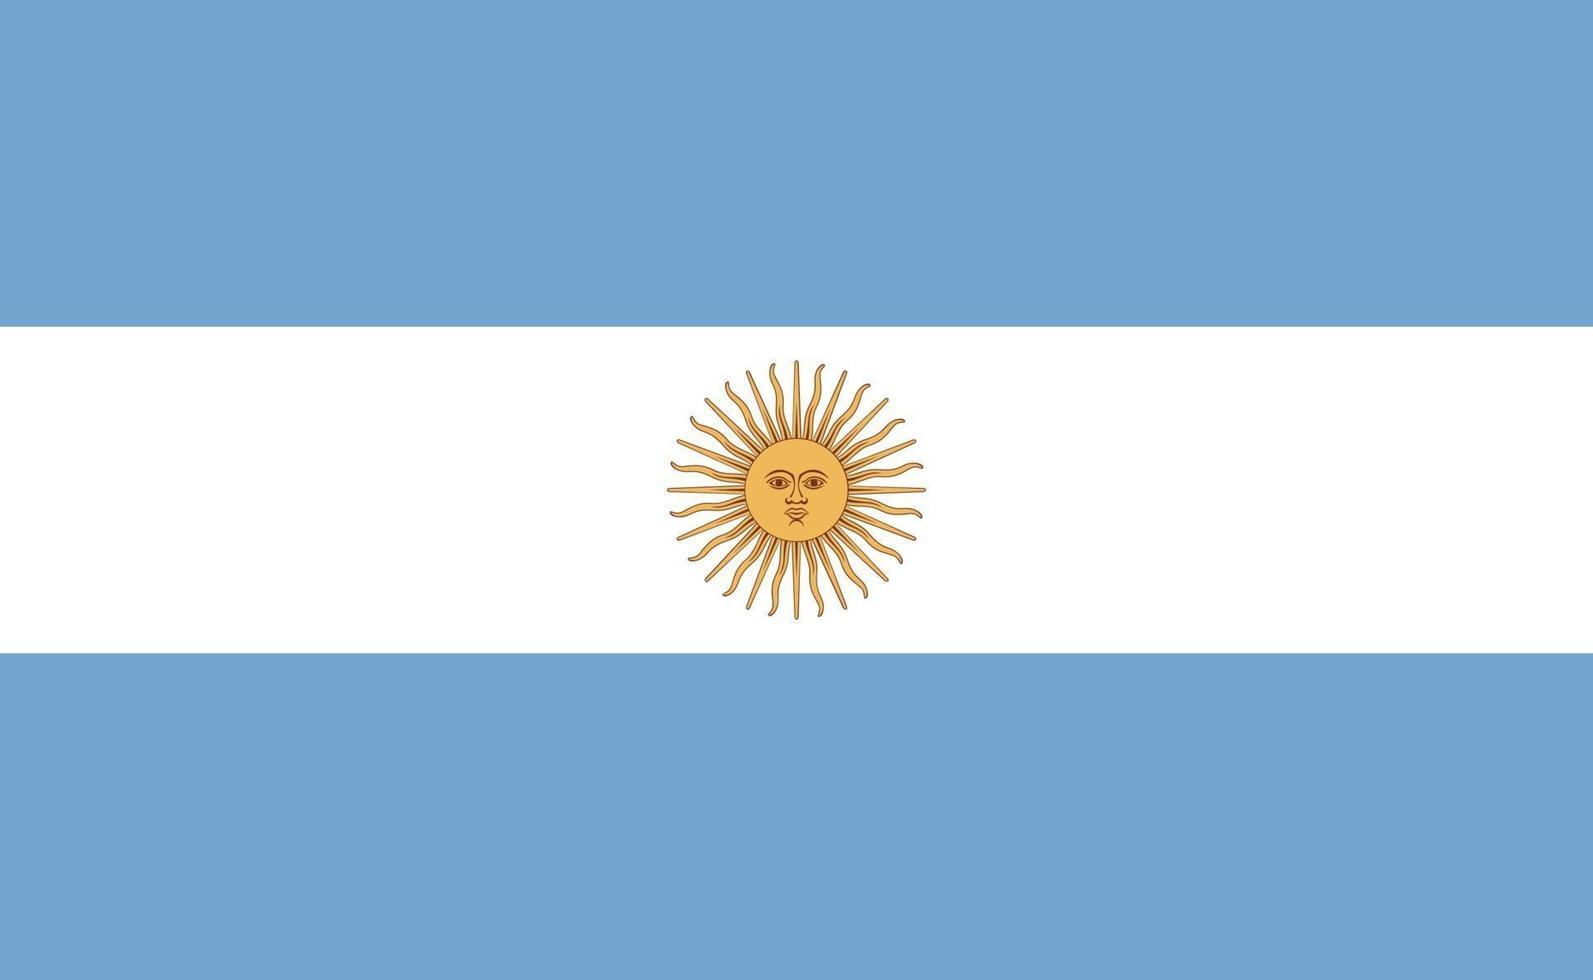 nationale vlag van Argentinië in exacte verhoudingen - vectorillustratie vector